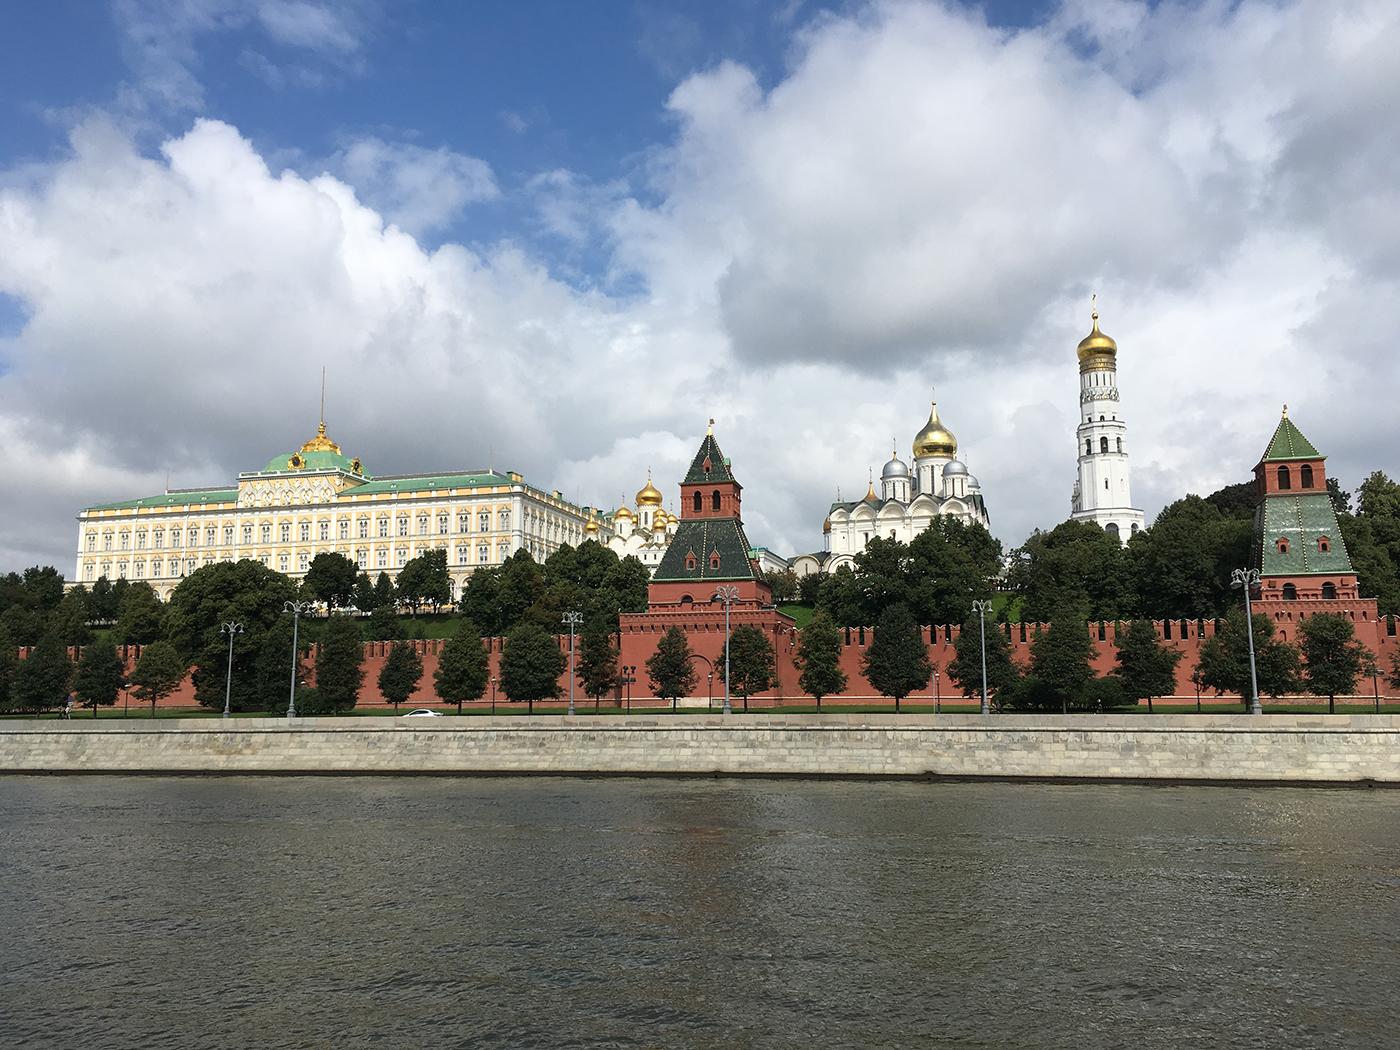 Het Kremlin van buitenaf - bezienswaardigheden stedentrip Moskou